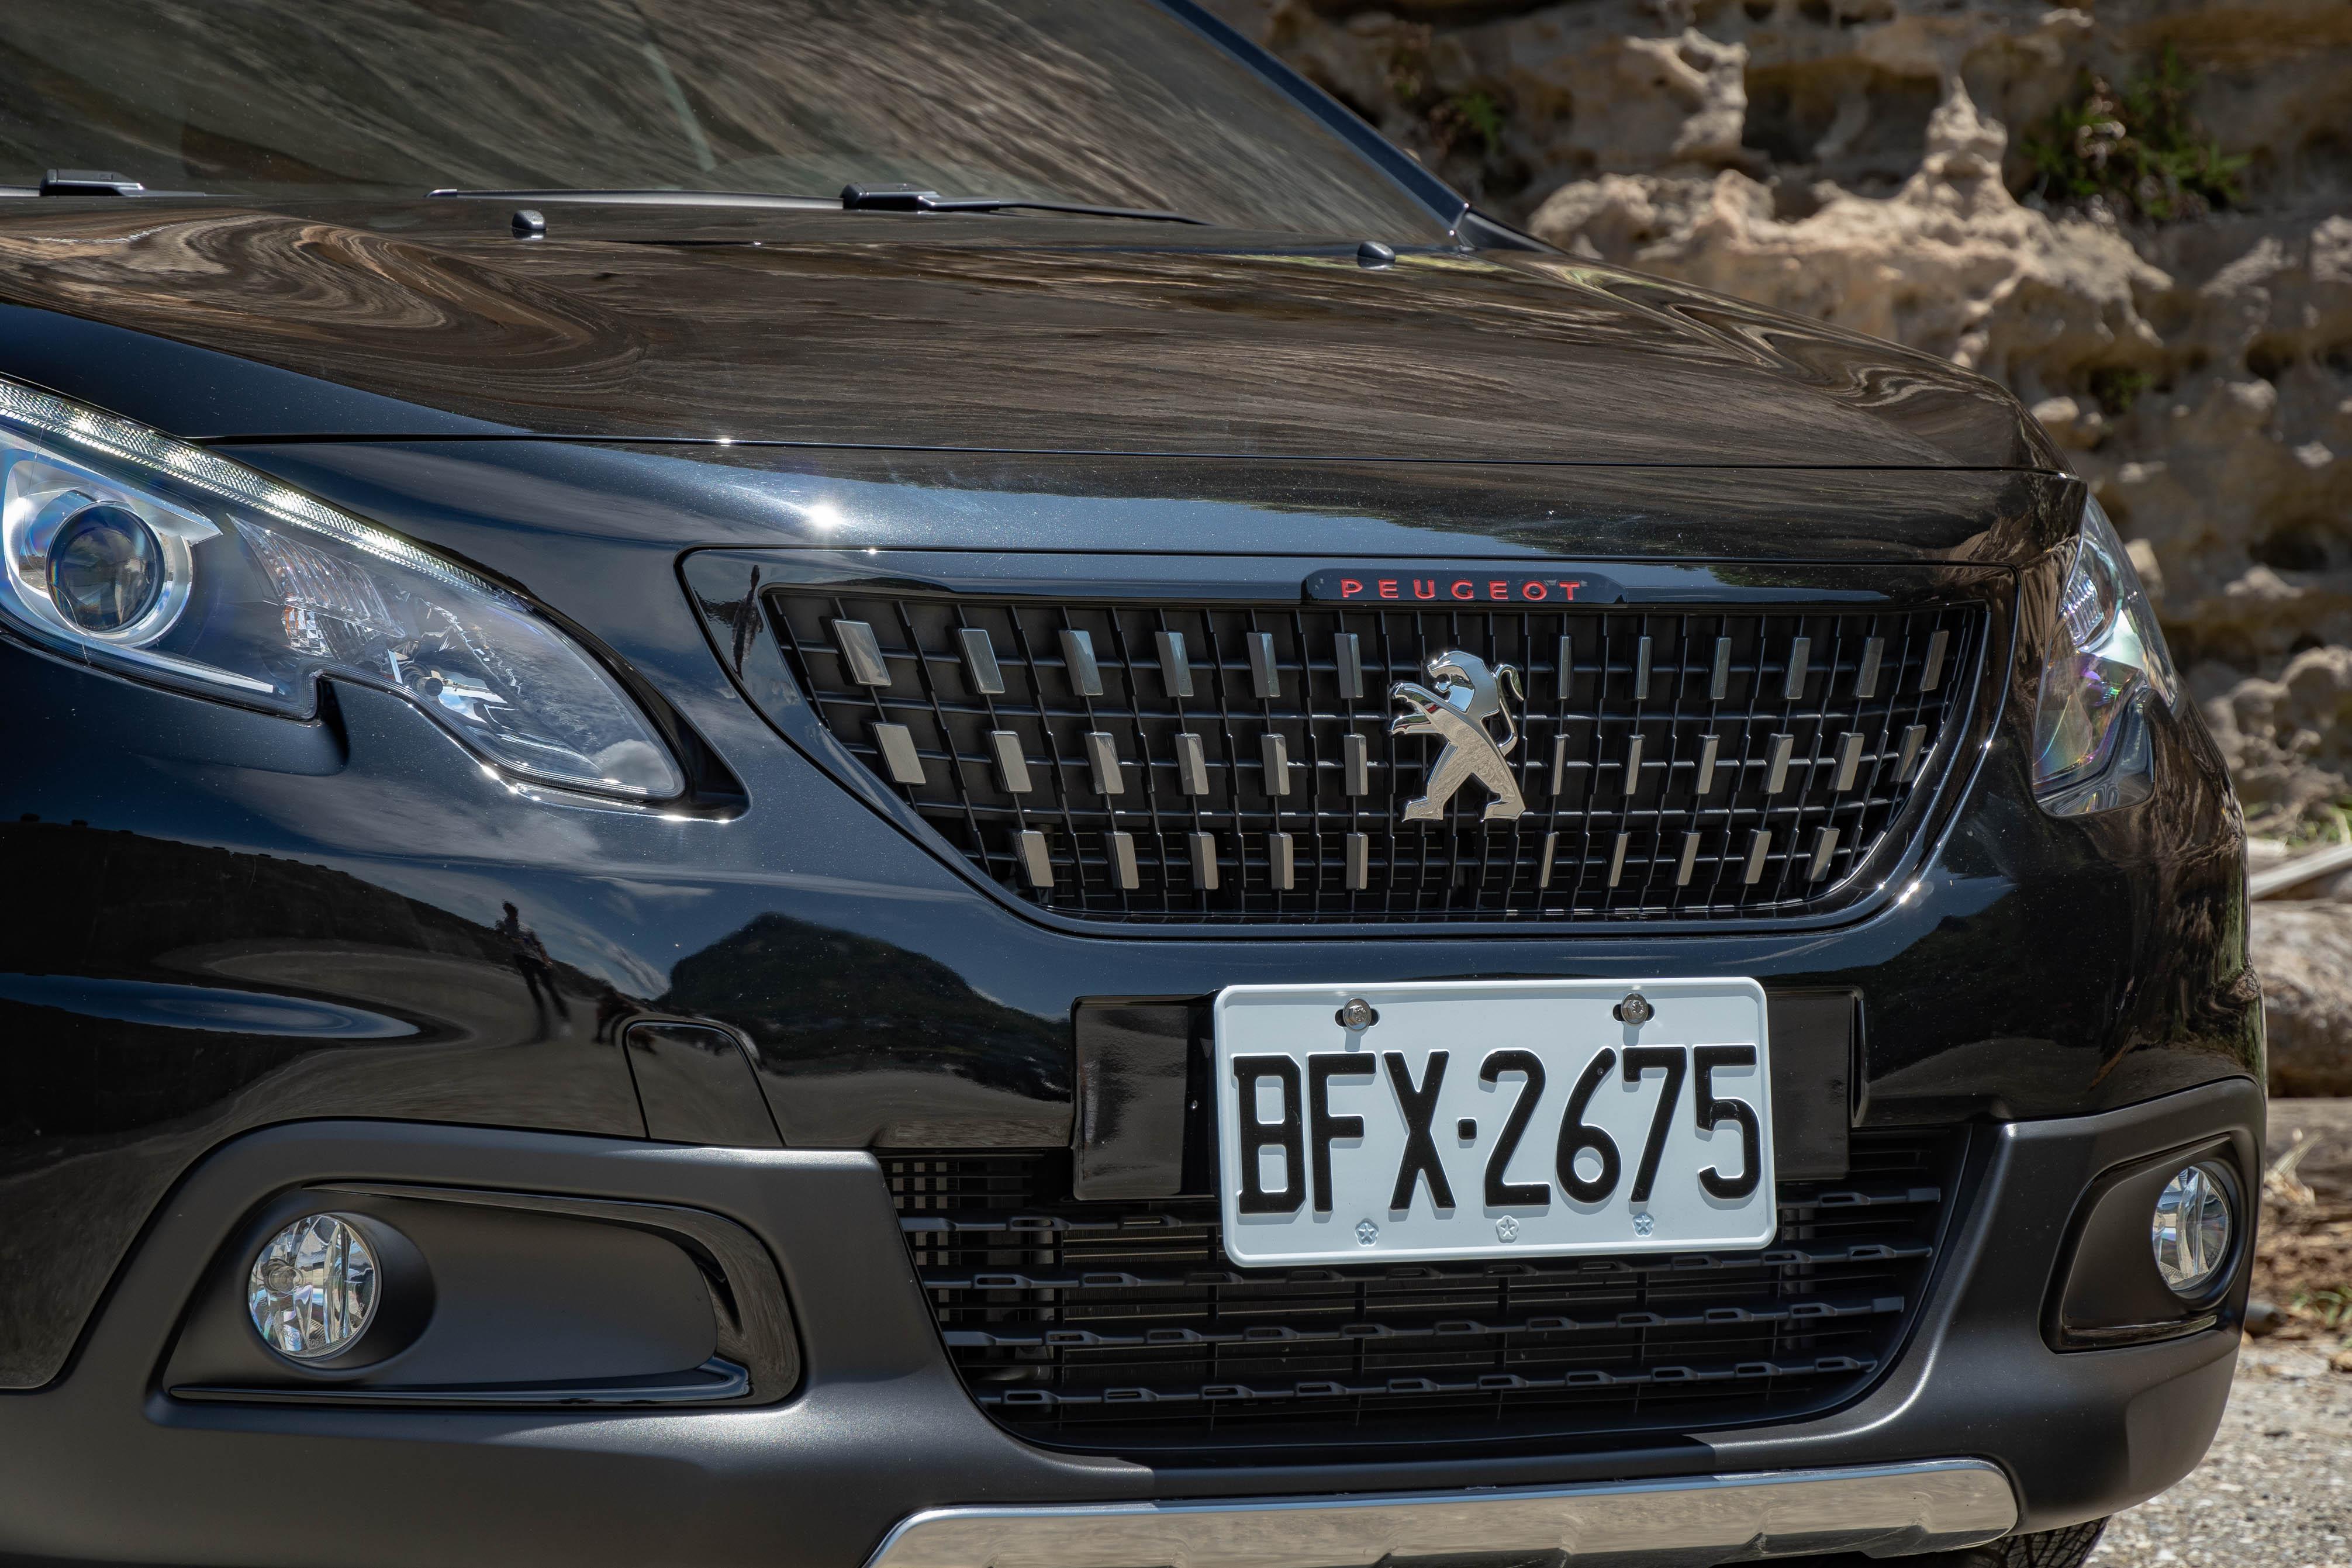 GT Line 標配,方格旗幟式水箱罩與紅色 Peugeot 字樣。